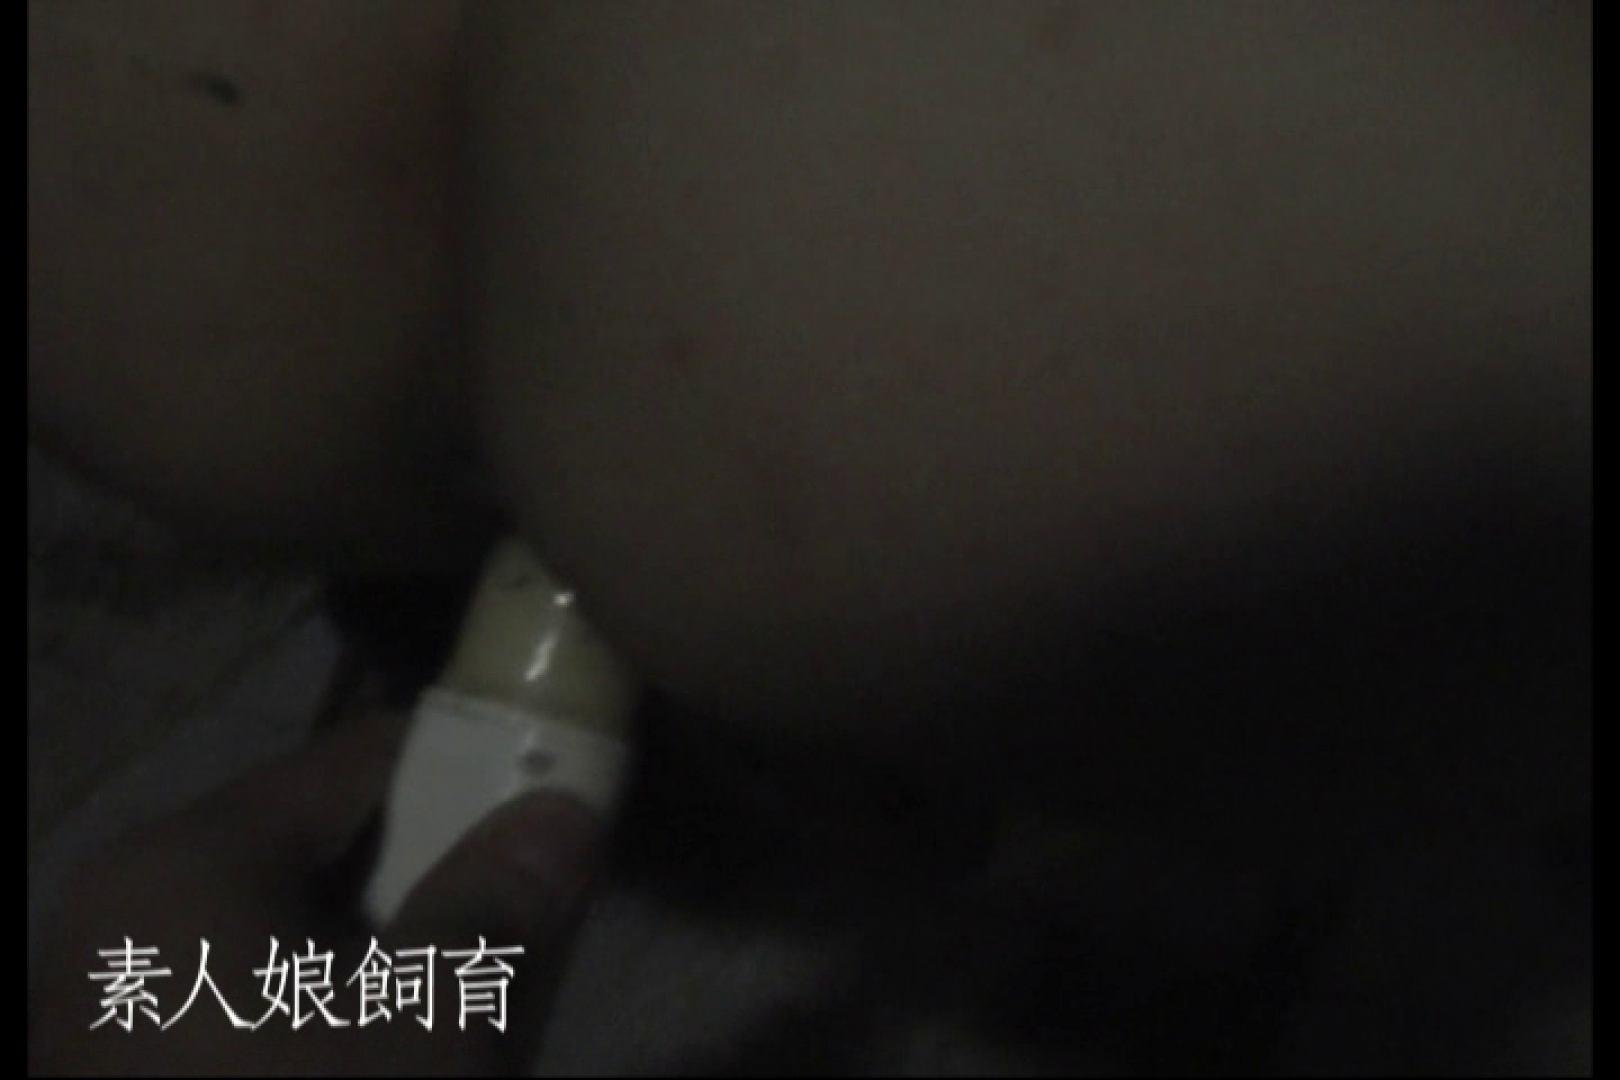 素人娘飼育~お前の餌は他人棒~公園でバイブとお漏らし バイブプレイ 盗み撮り動画 71pic 27